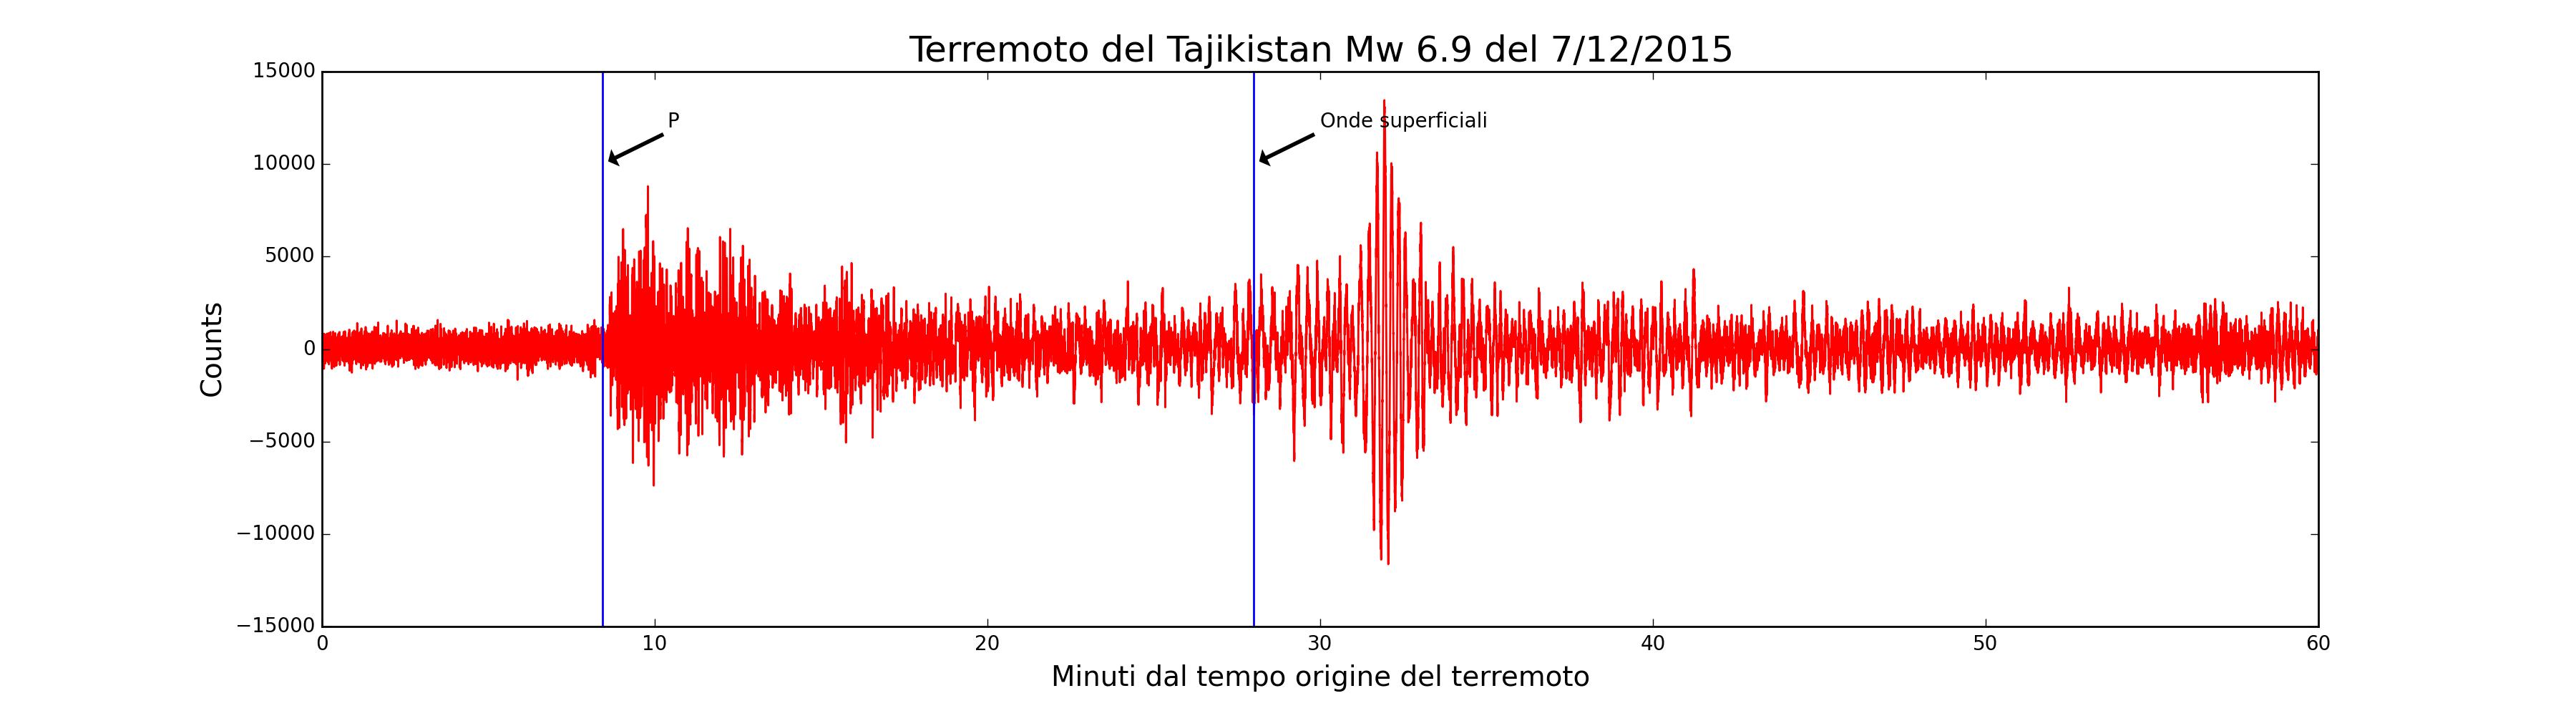 Terremoto in Tajikistan del  7 dicembre 2015, Mw 6.9